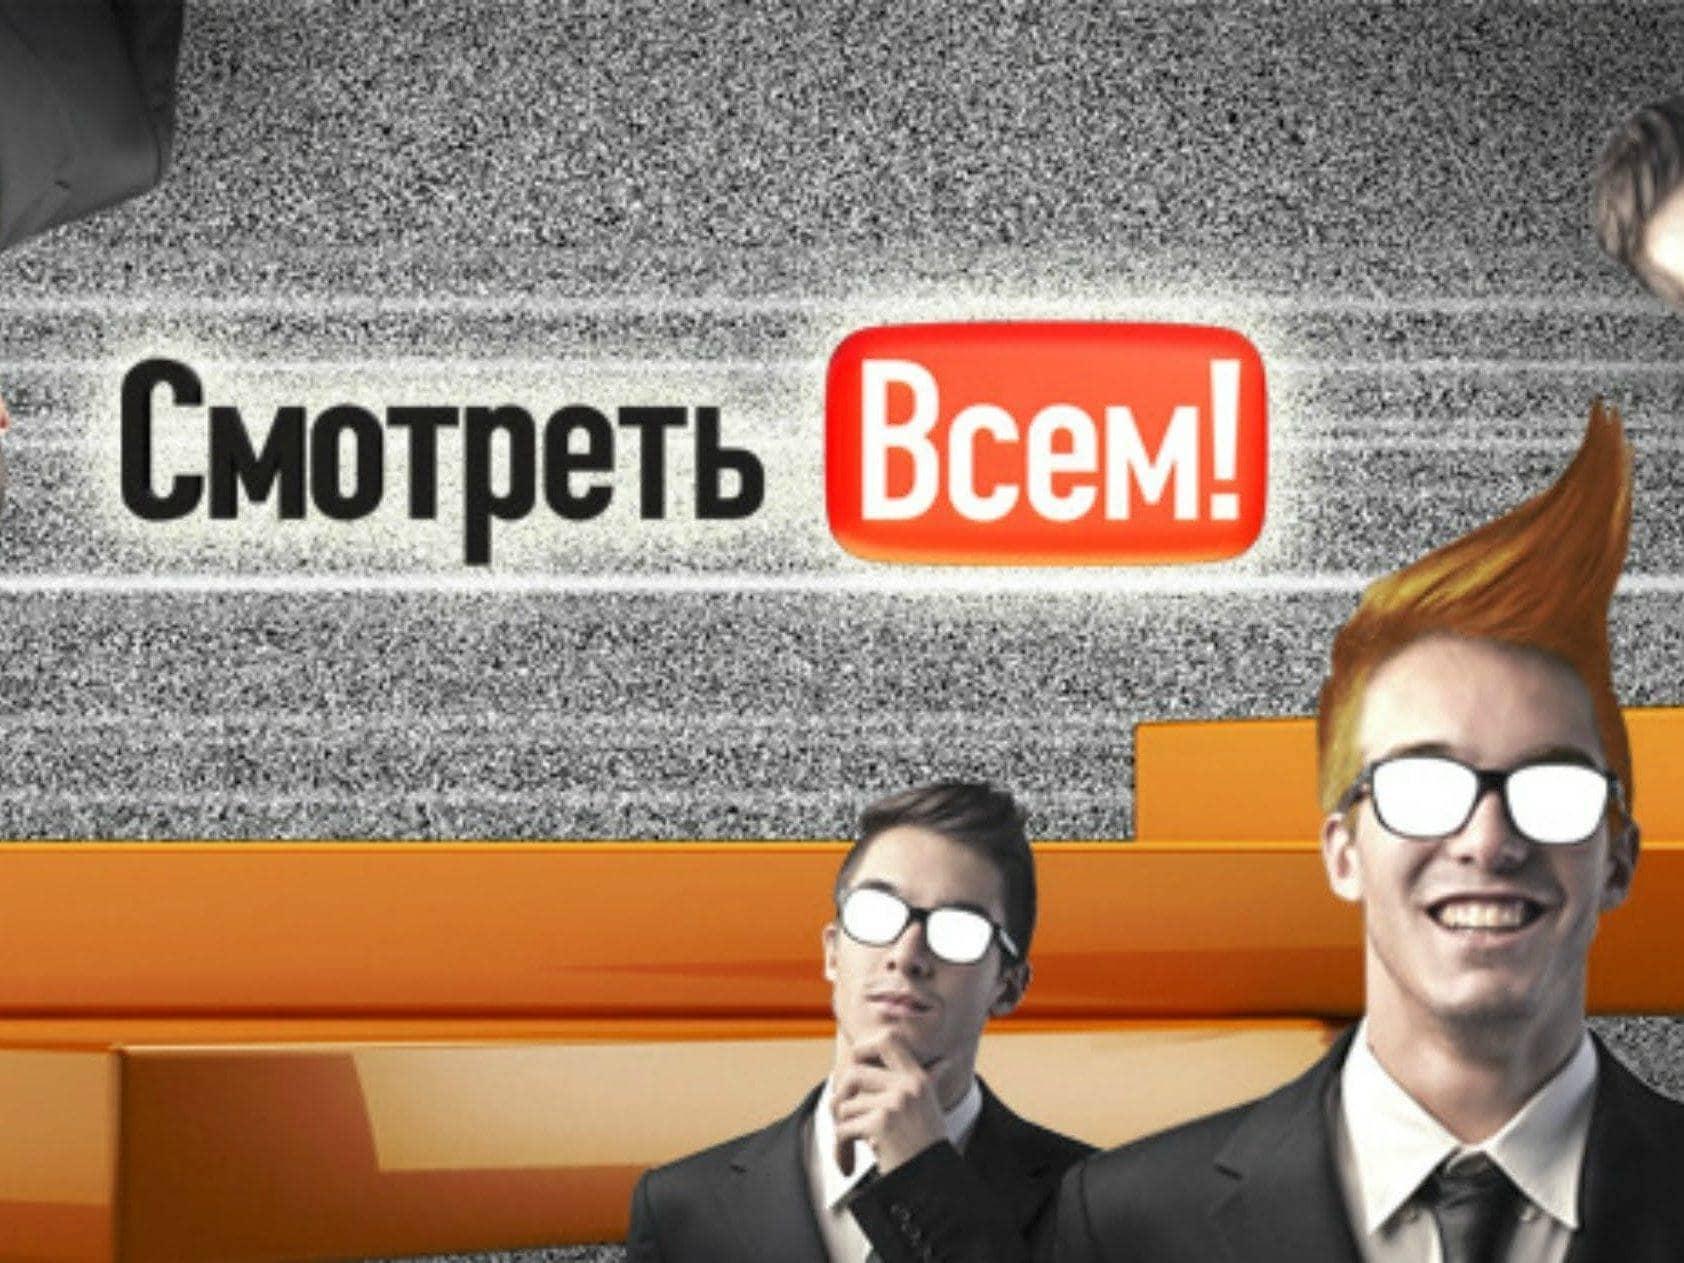 Смотреть всем! 390 серия в 22:03 на канале РЕН ТВ